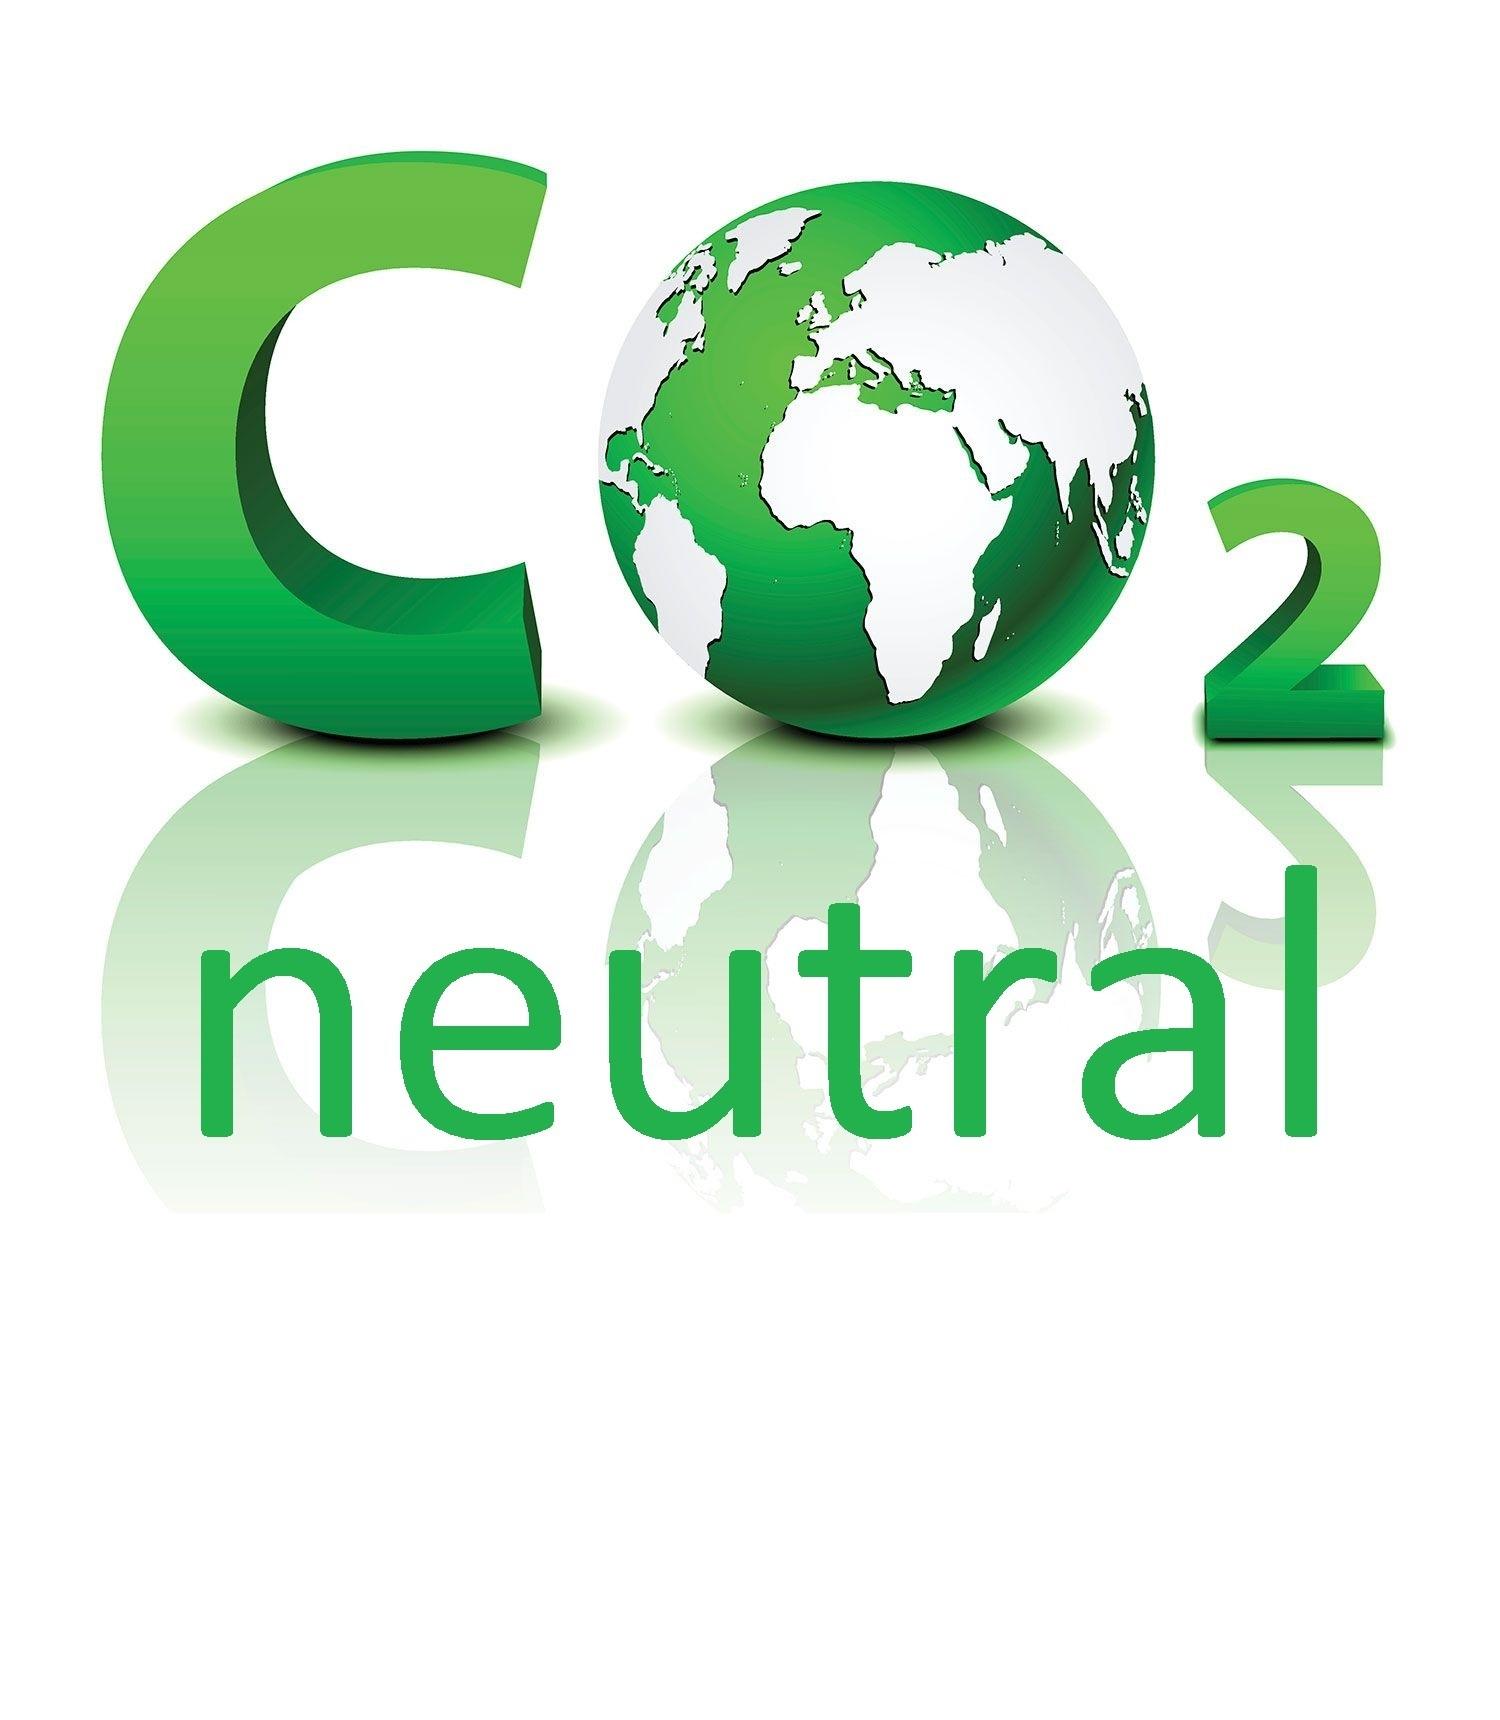 co2 neutral1